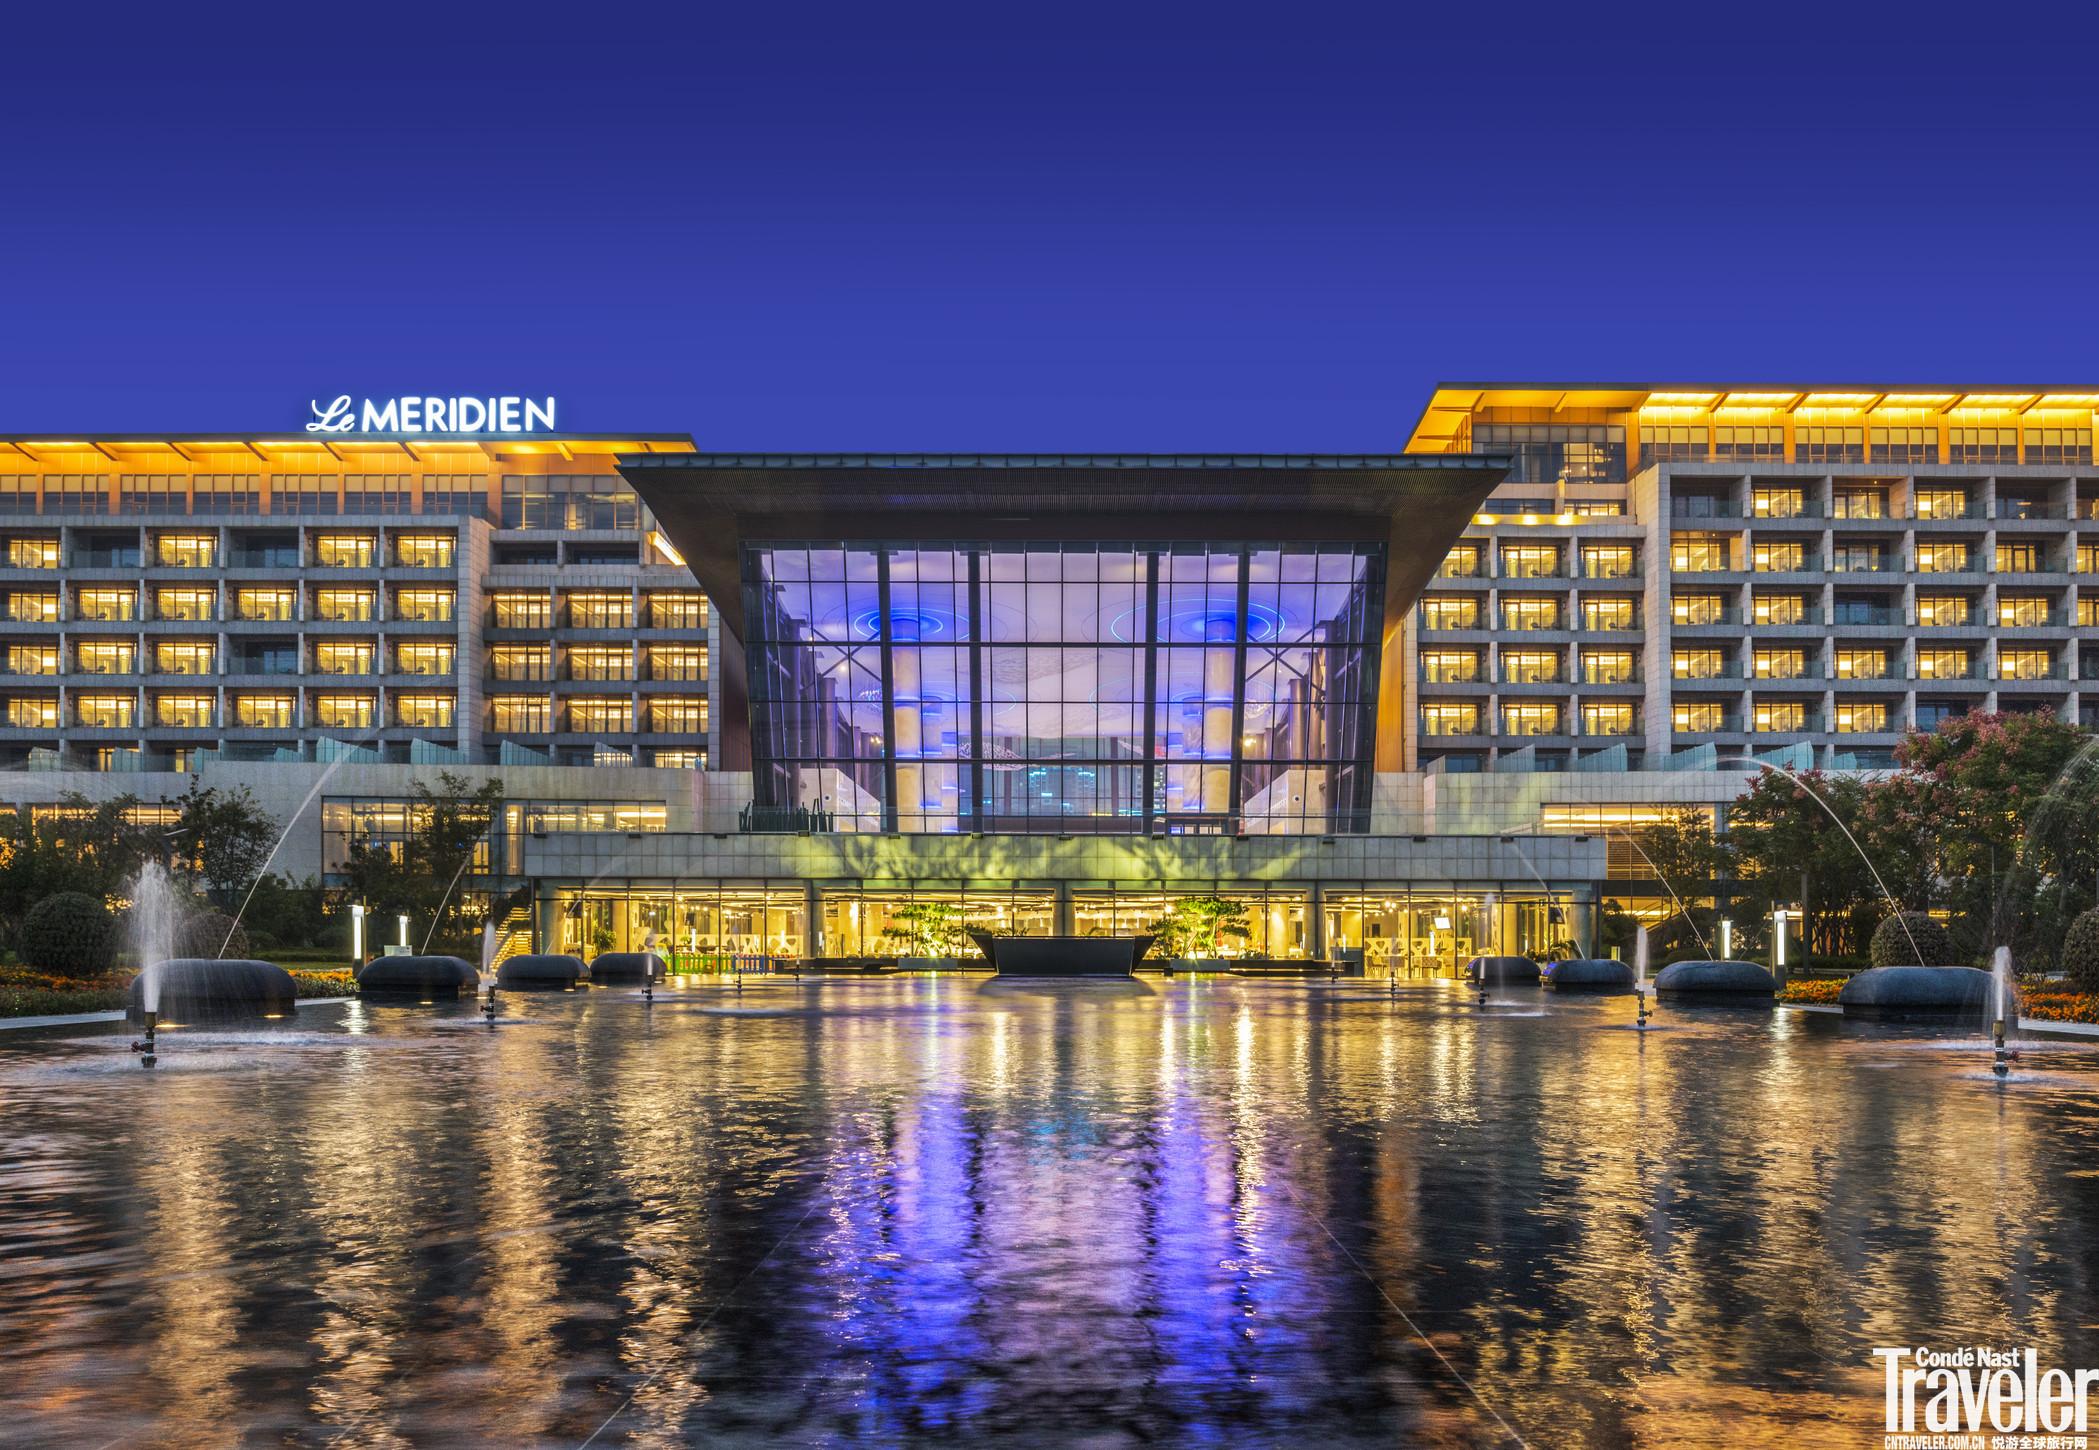 酒店拥有218间客房和套房,可饱览洁白沙滩与碧蓝黄海的美景。房间选用独特的时尚家具与雅致装潢,并提供高速有线及无线网络连接。 在设施先进的健身俱乐部挥洒汗水,焕发身心活力。或前往酒店的两家餐厅,与好友或同事品尝美食,分享旅行见闻。在此开启一段全新的探索之旅。 优惠信息 即日起入住豪华客房:周日至周四人民币505元;周五、周六人民币606元;2017年1月27日至2月2日人民币777元。 目的地周边景点推荐 酒店所处的便捷位置可以轻松前往探索周边目的地,包括拥有金色细软沙滩和延绵山脉的灵山湾;以秀丽山景和